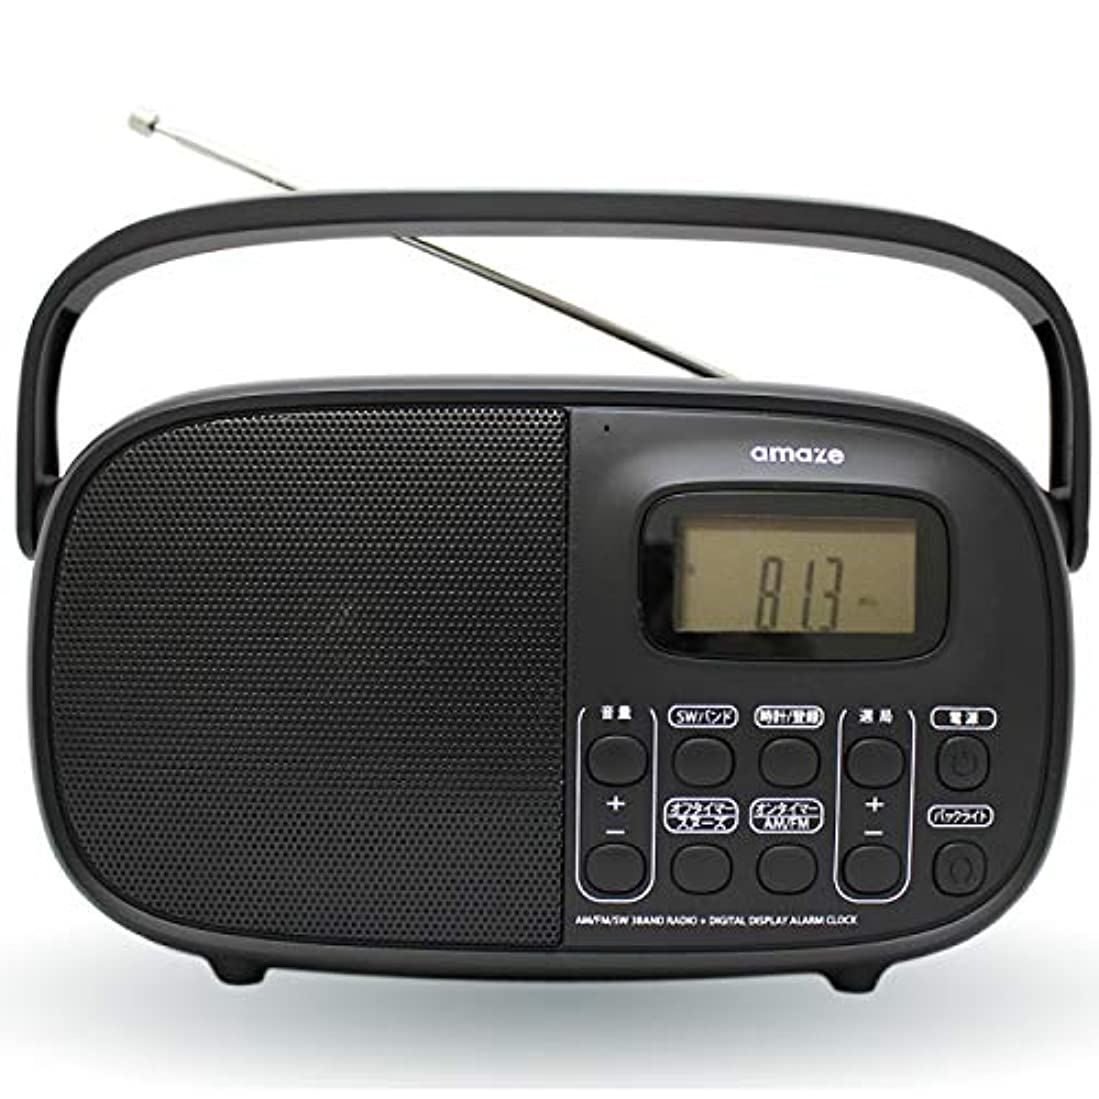 申請者褒賞不十分なamaze 乾電池 使用可能 防災ラジオ AMFM 短波 3バンド アラーム めざまし時計 2電源方式